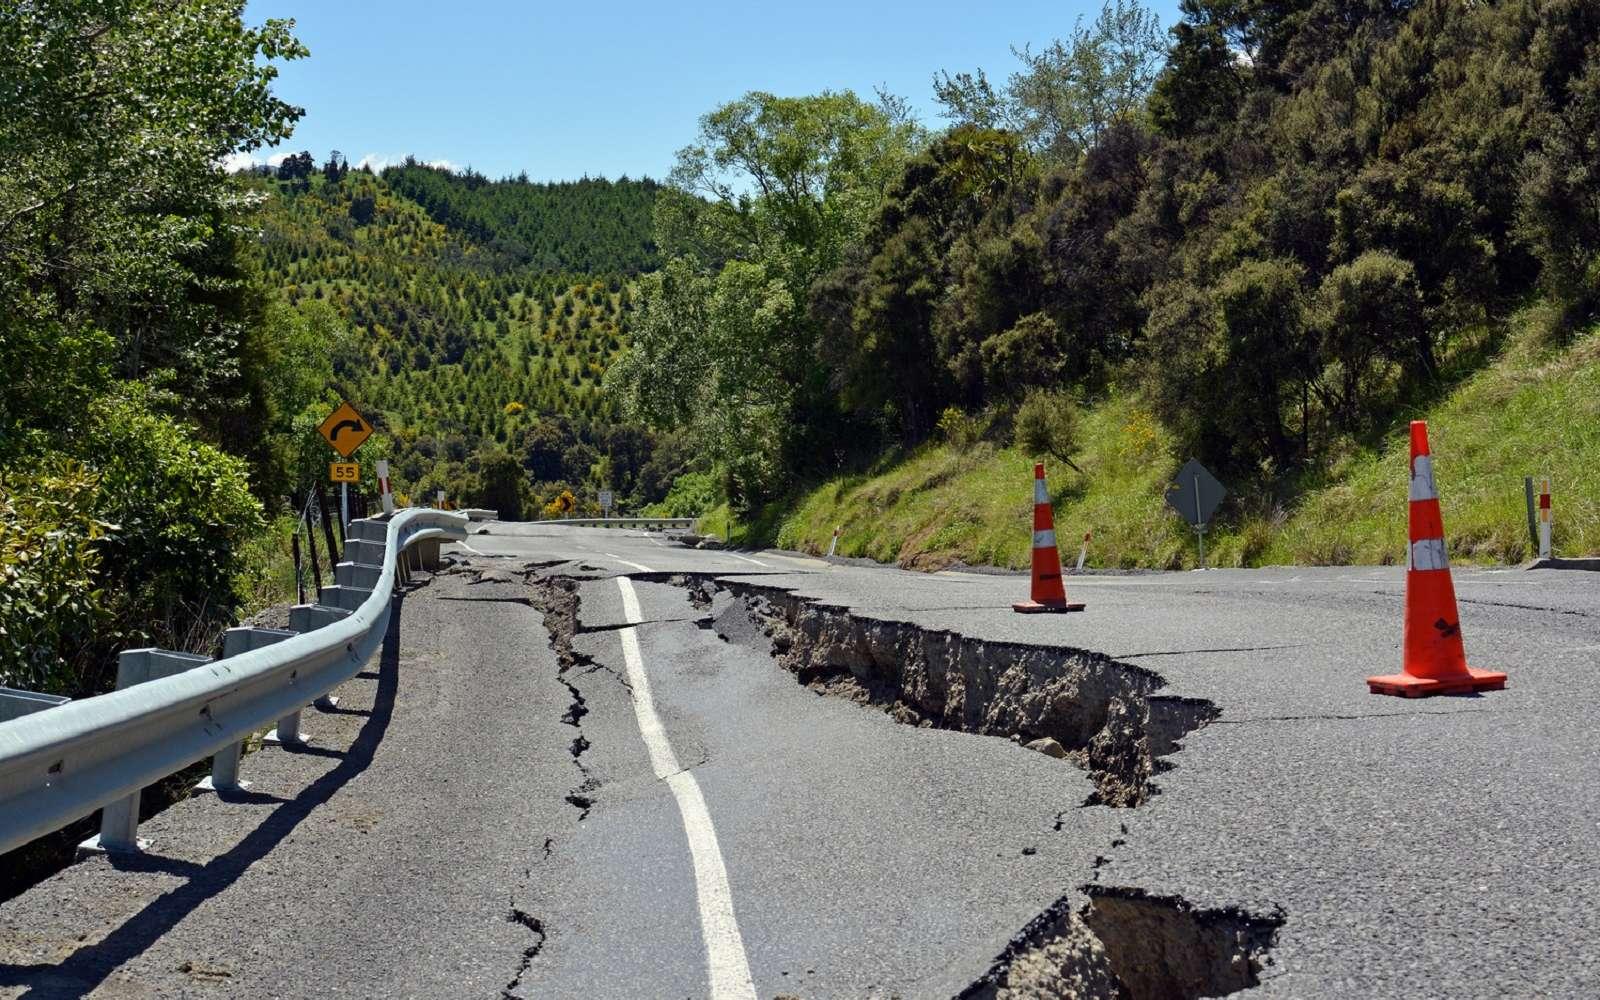 Le séisme de septembre 2018 en Indonésie était un séisme « supershear », à la vitesse de propagation inhabituelle. © NigelSpiers